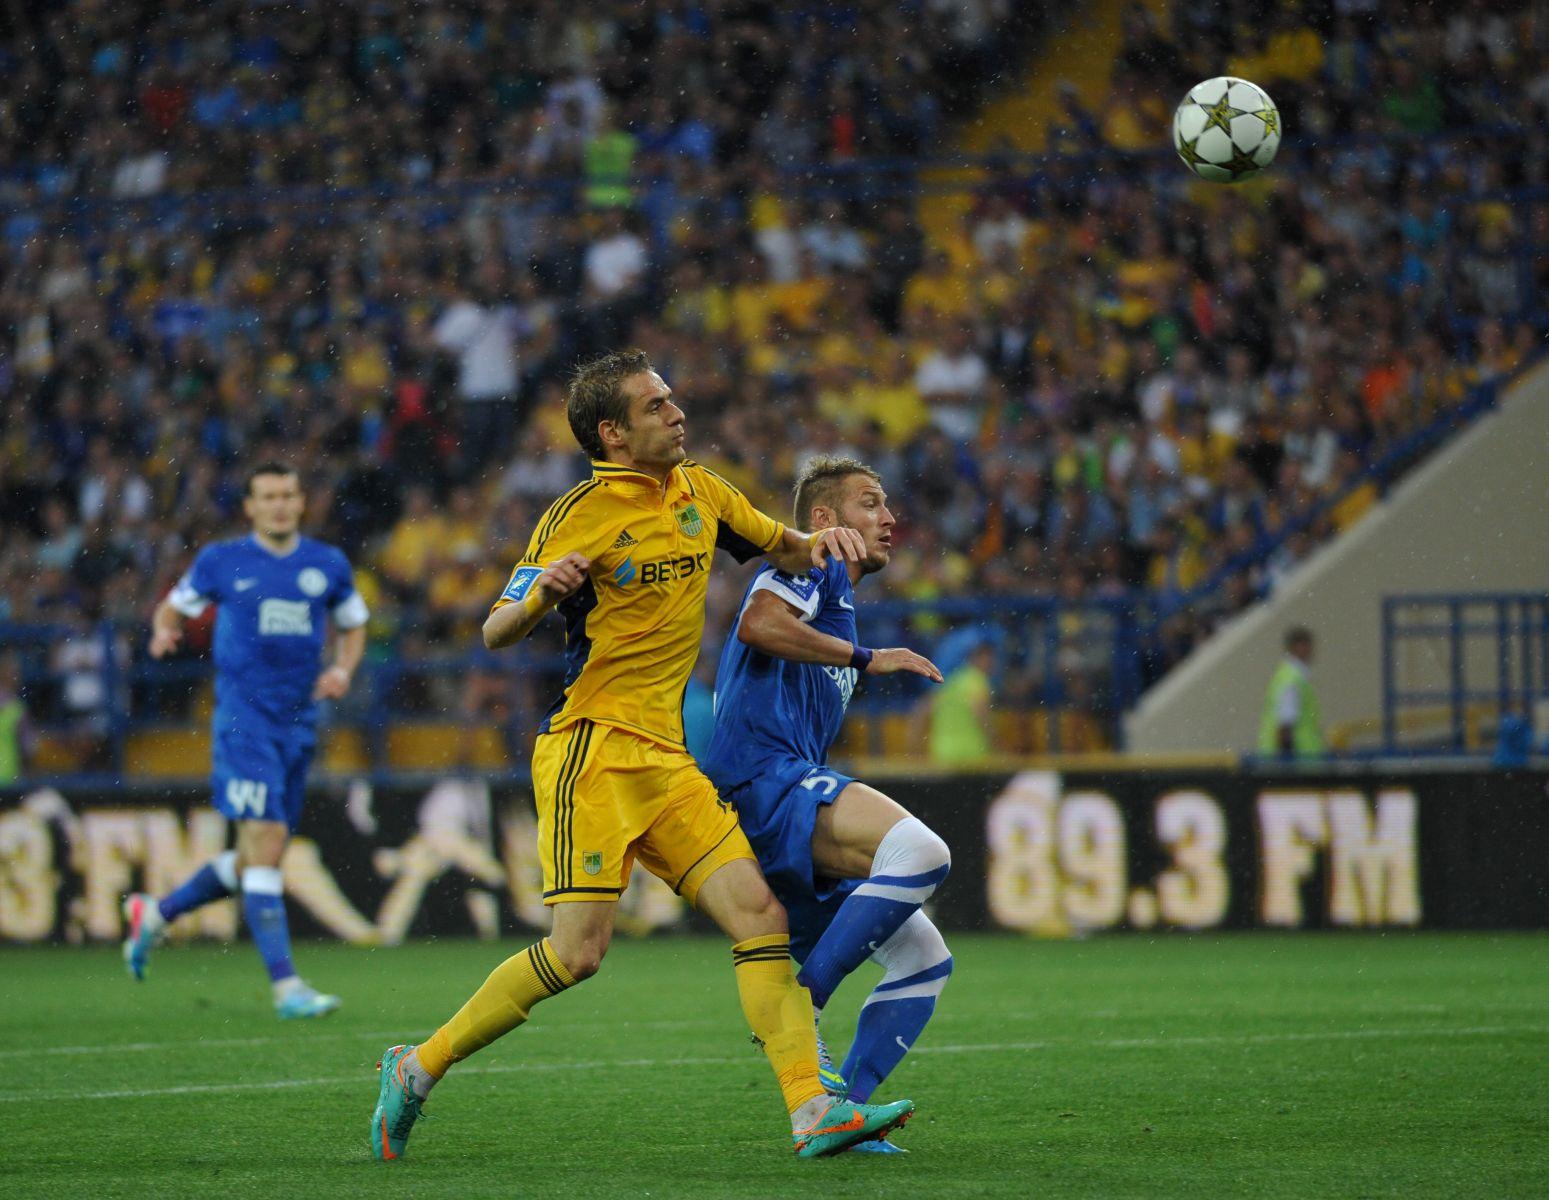 Лига Европы УЕФА, премьер-лига Украина, Днепр, Лига чемпионов УЕФА, Металлист